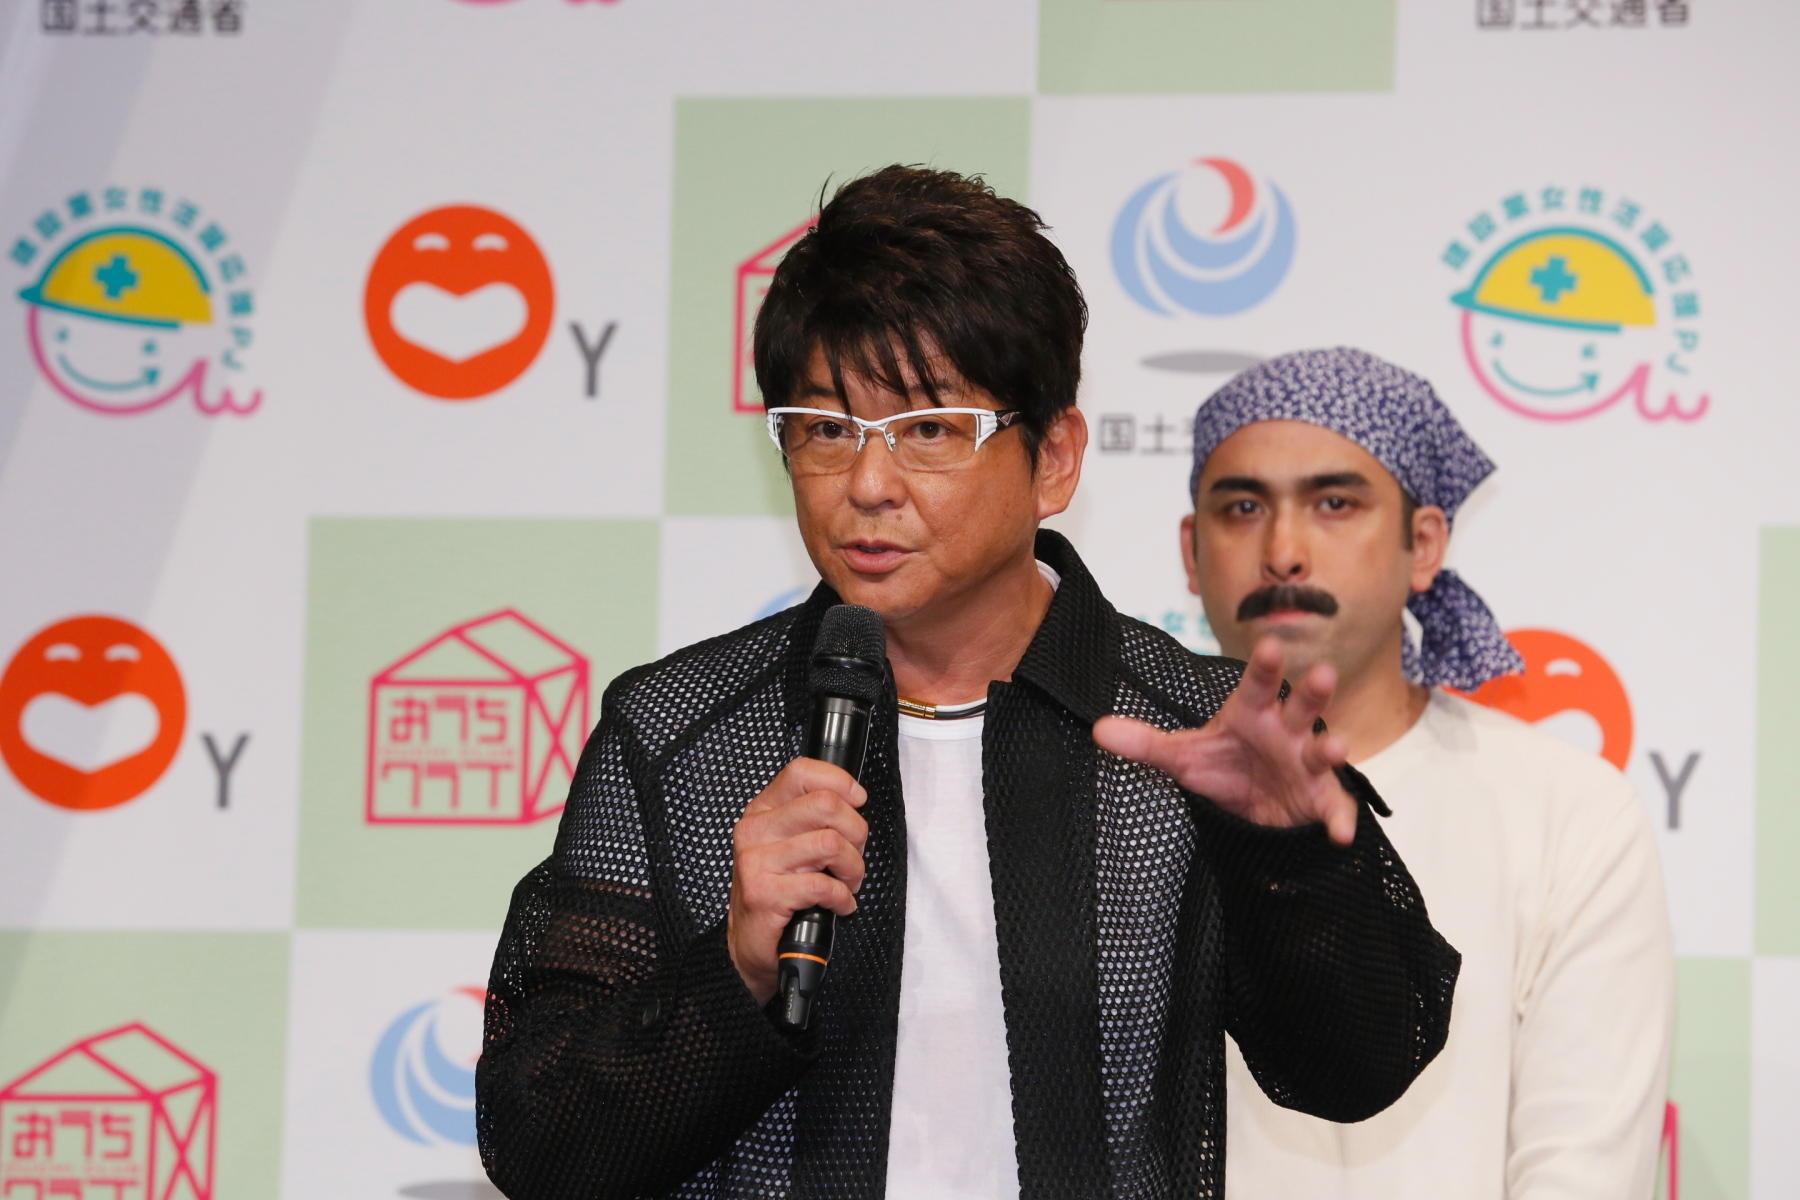 http://news.yoshimoto.co.jp/20160817180956-98cea4710ea0f468e97a673bc391eff73dea5887.jpg